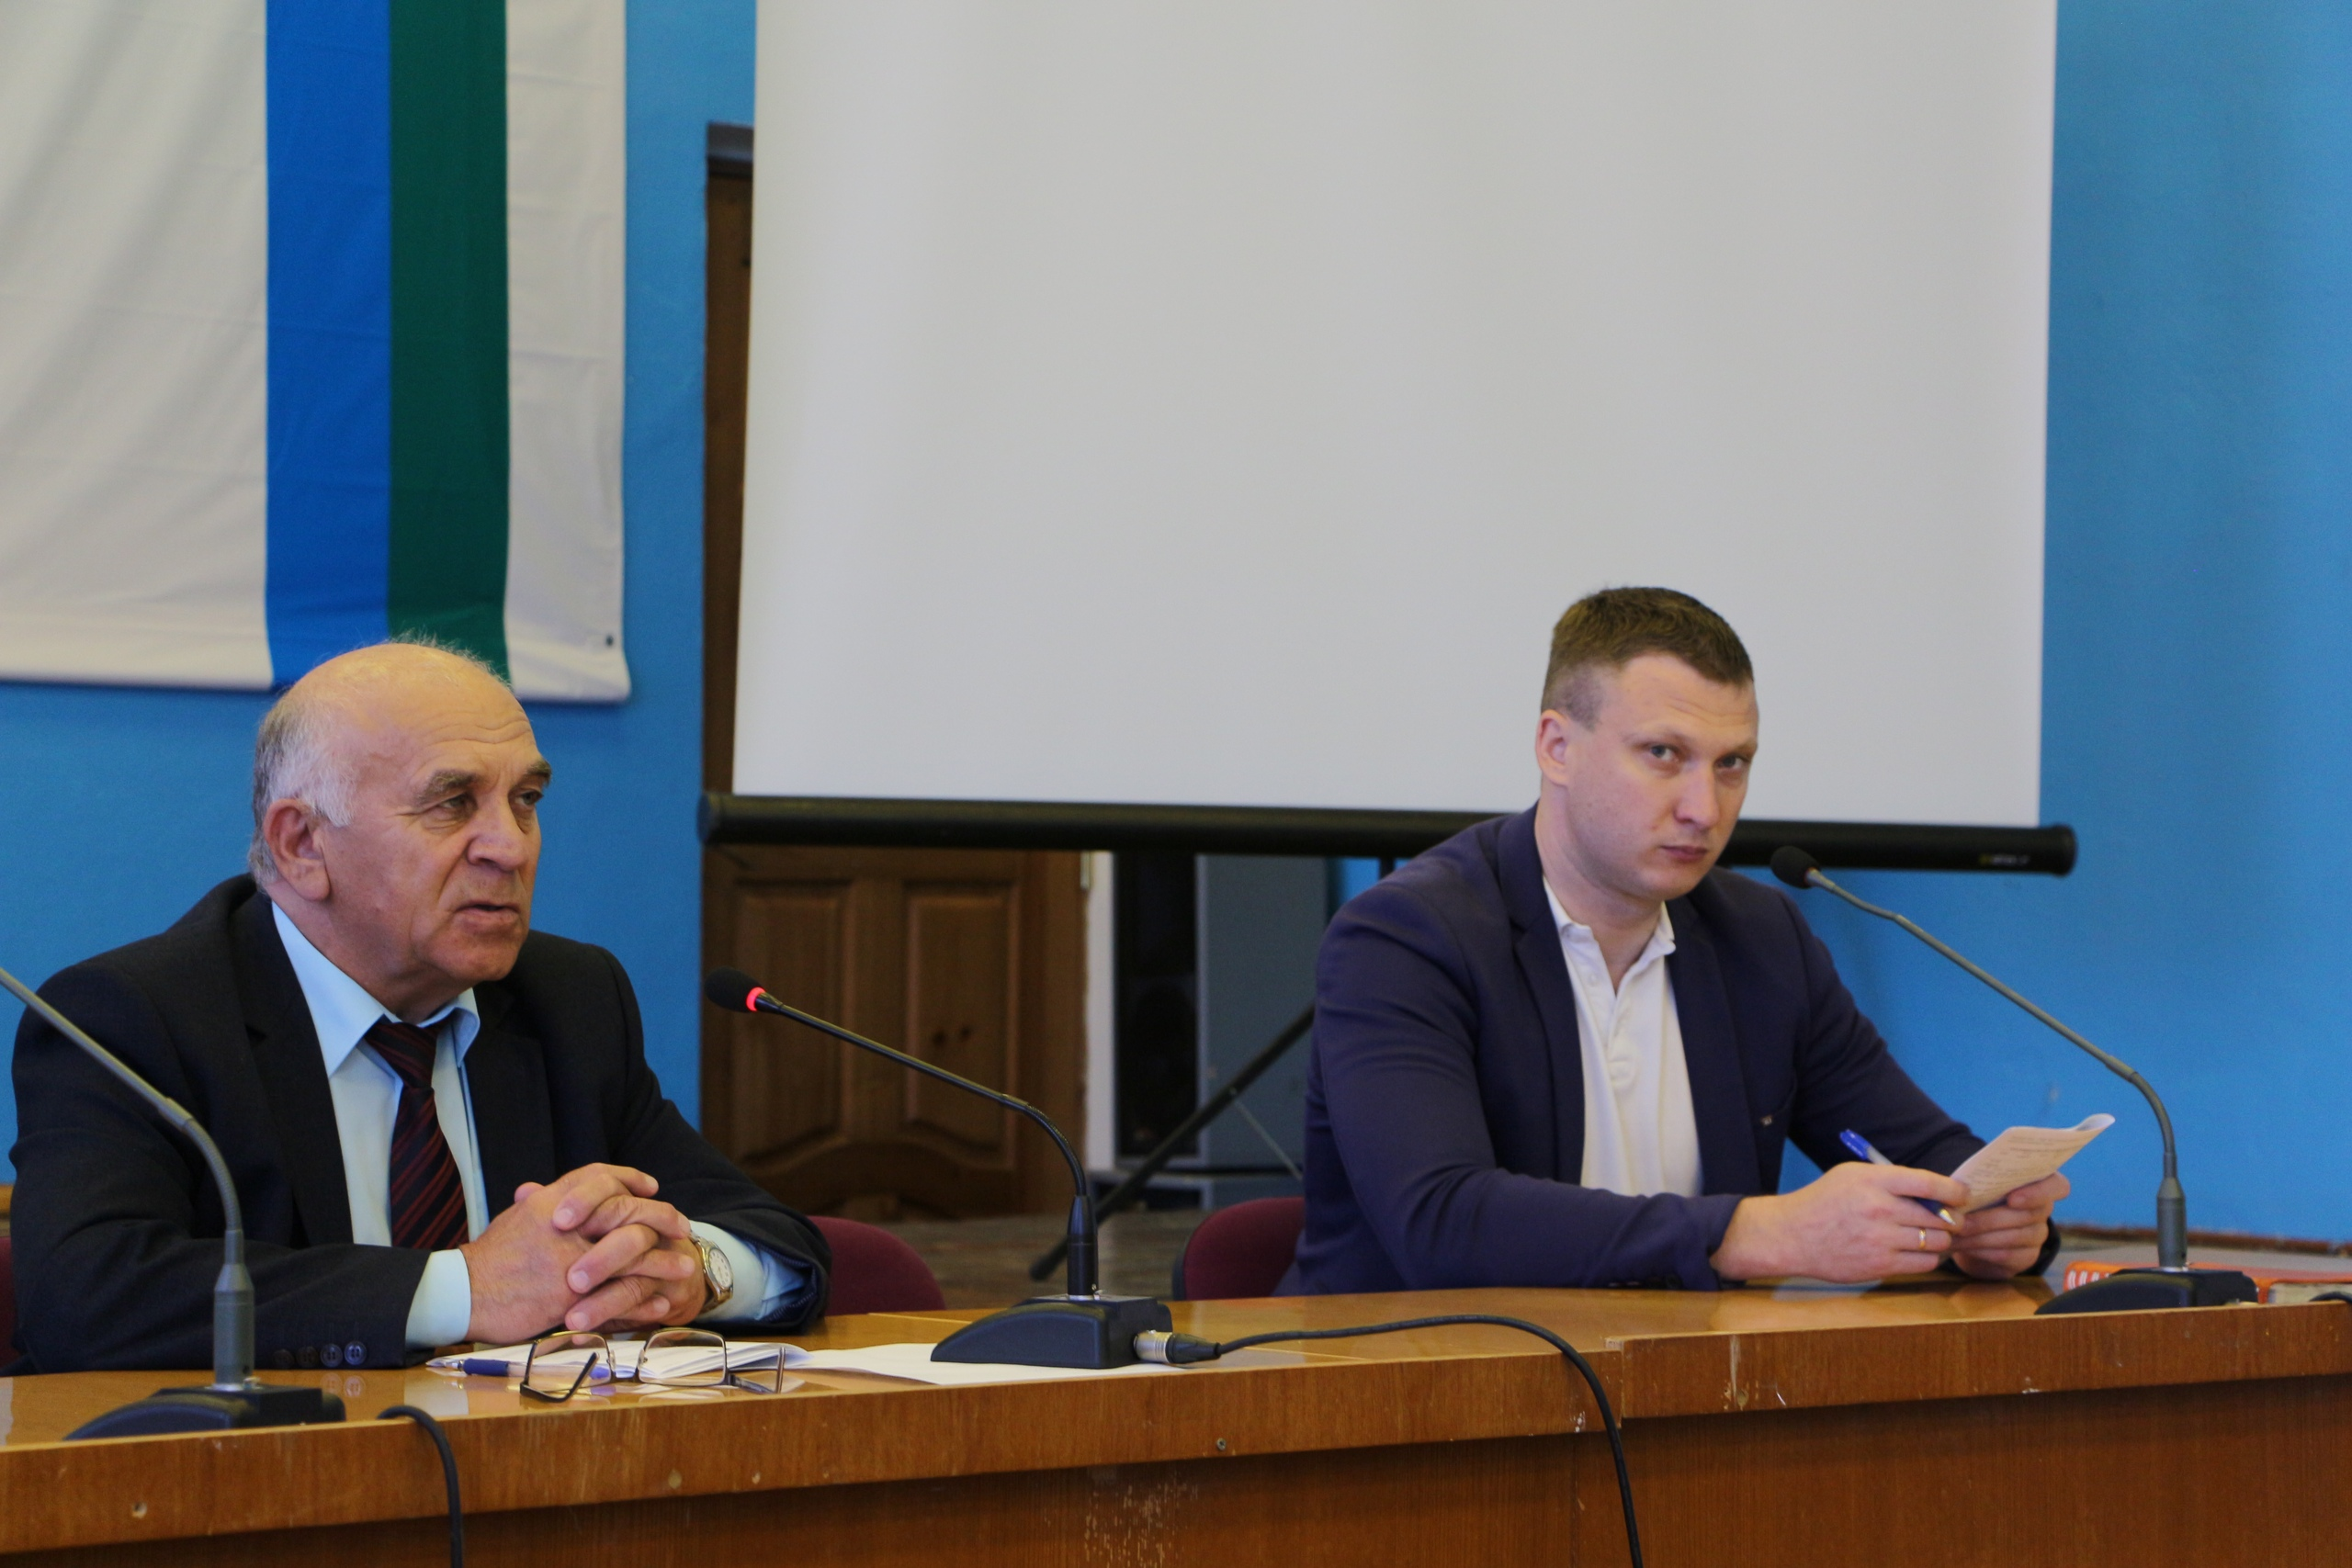 Сегодня в администрации МР Удорский состоялось заседание комиссии по предупреждению и ликвидации чрезвычайных ситуаций и обеспечению пожарной безопасности